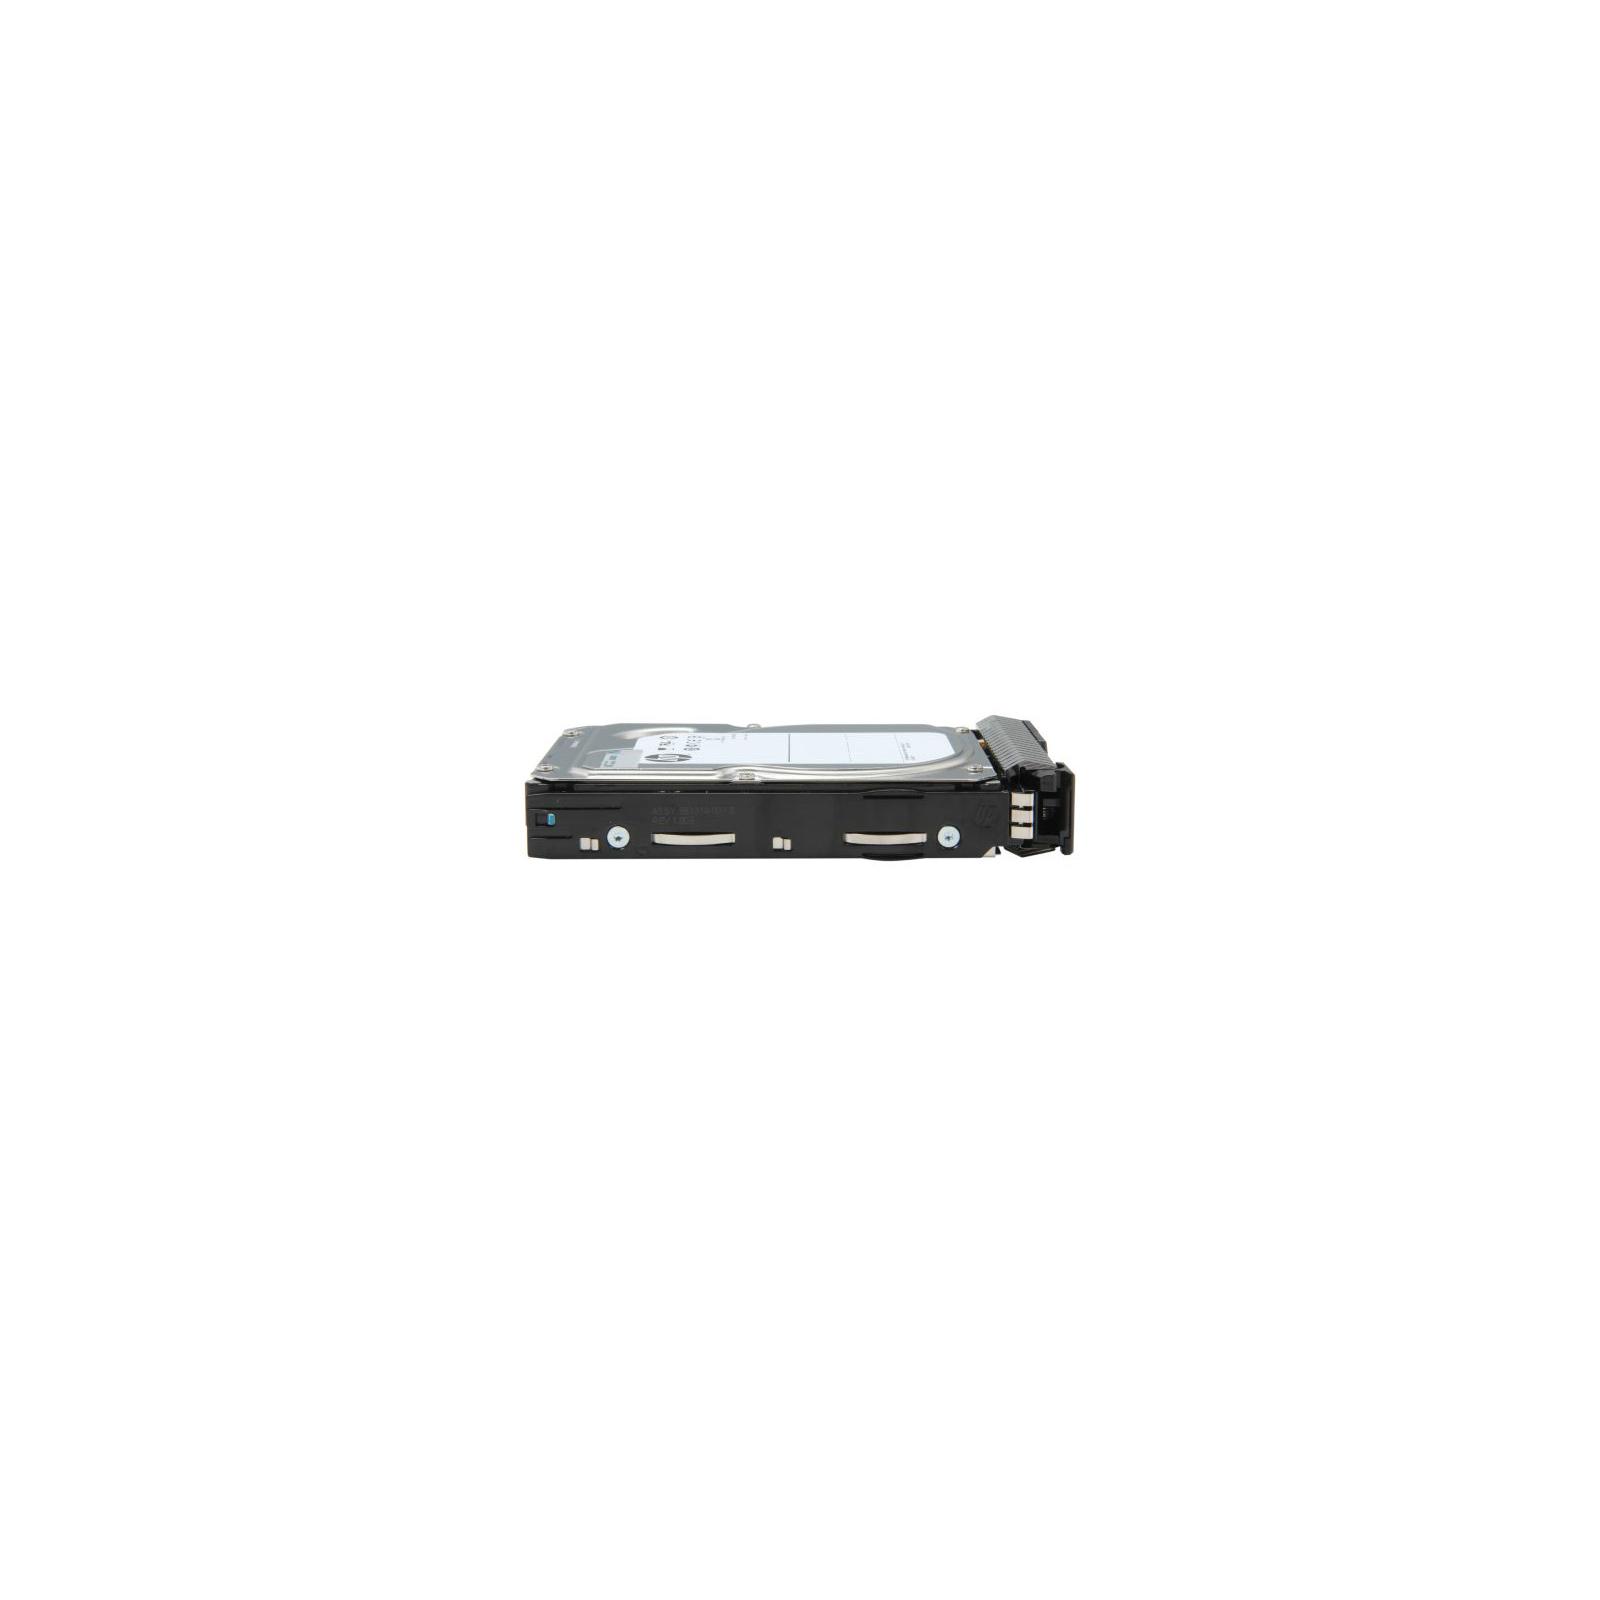 Жесткий диск для сервера HP 1TB (652753-B21) изображение 3